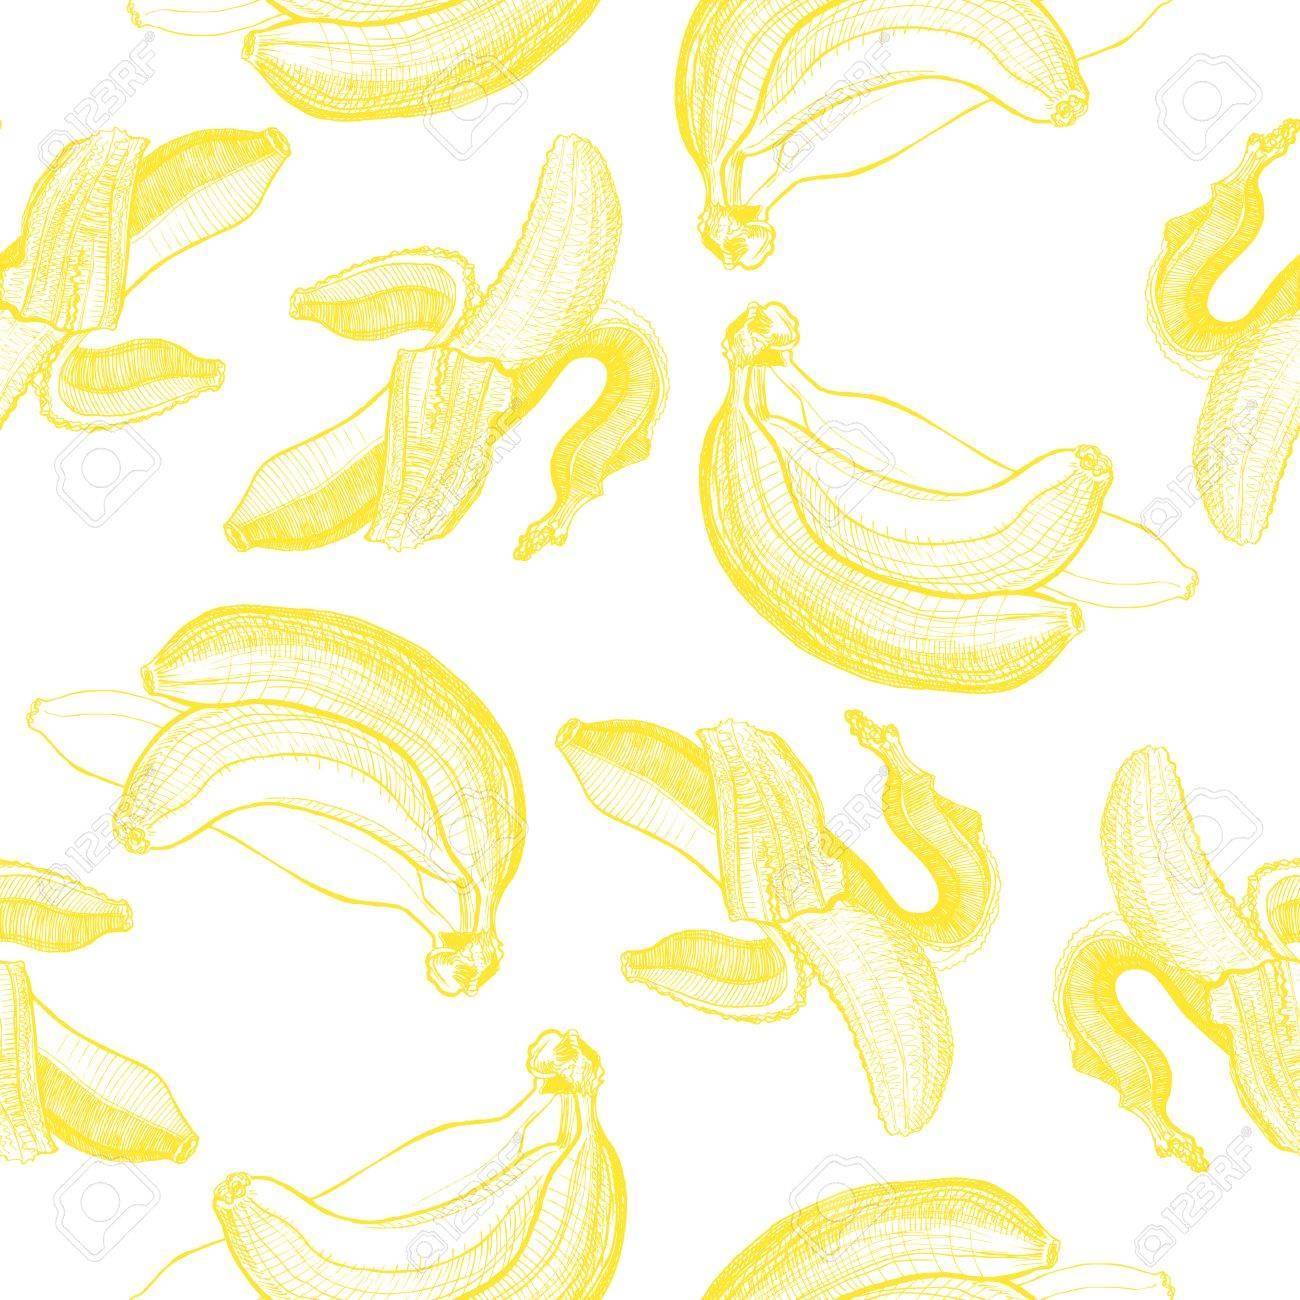 バナナ彫刻図面 シームレスな壁紙パターン 果物や食べ物のテーマの